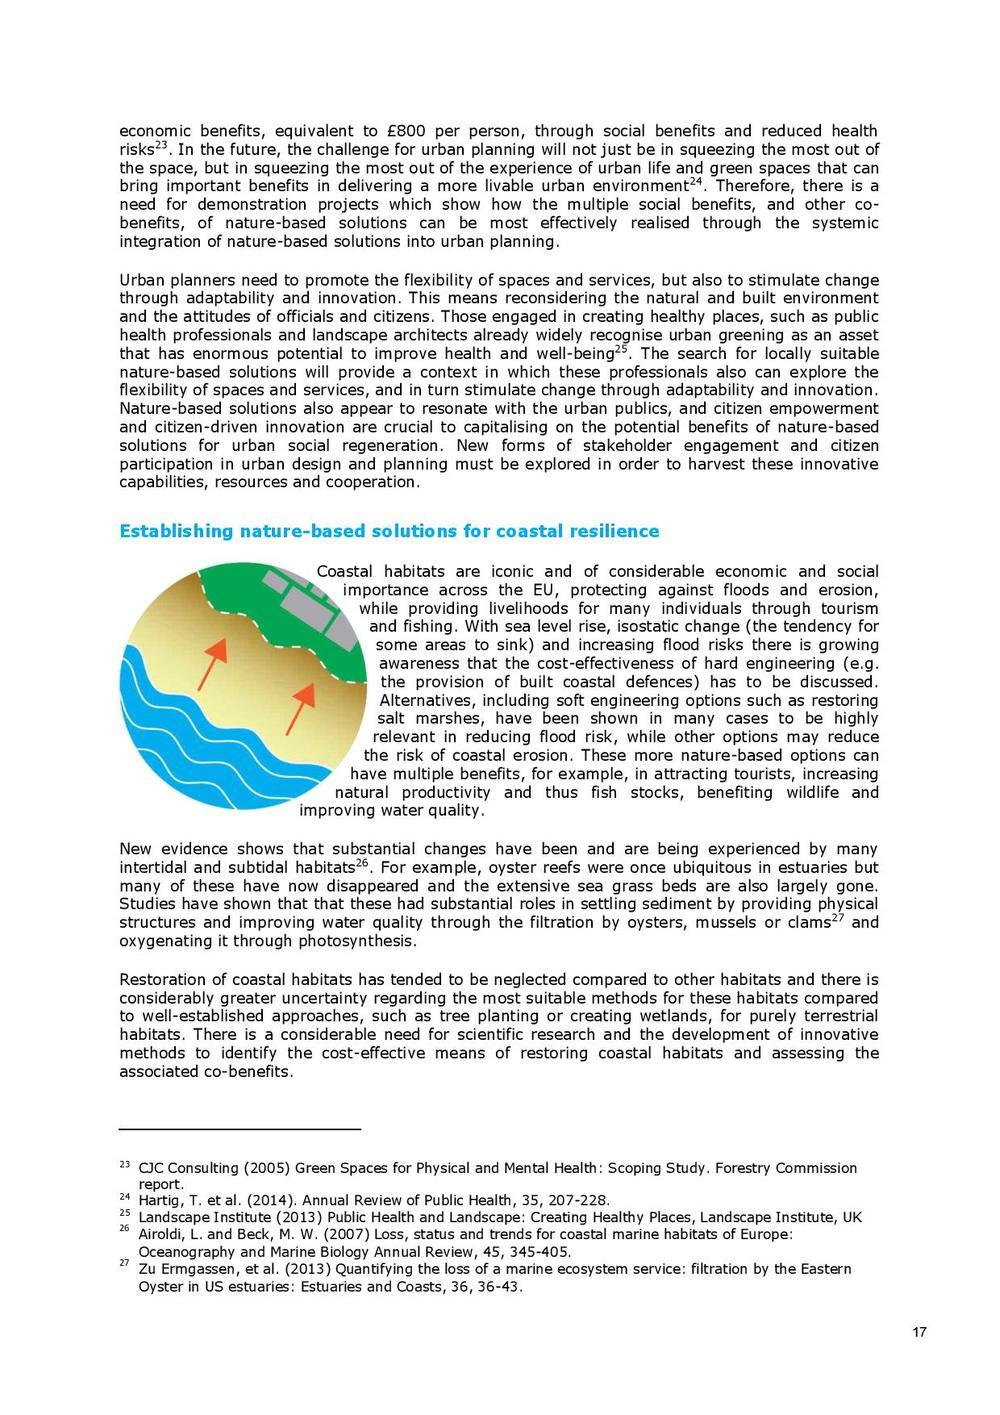 DG RTD_WEB-Publication A4_NBS_long_version_20150310-page-019.jpg